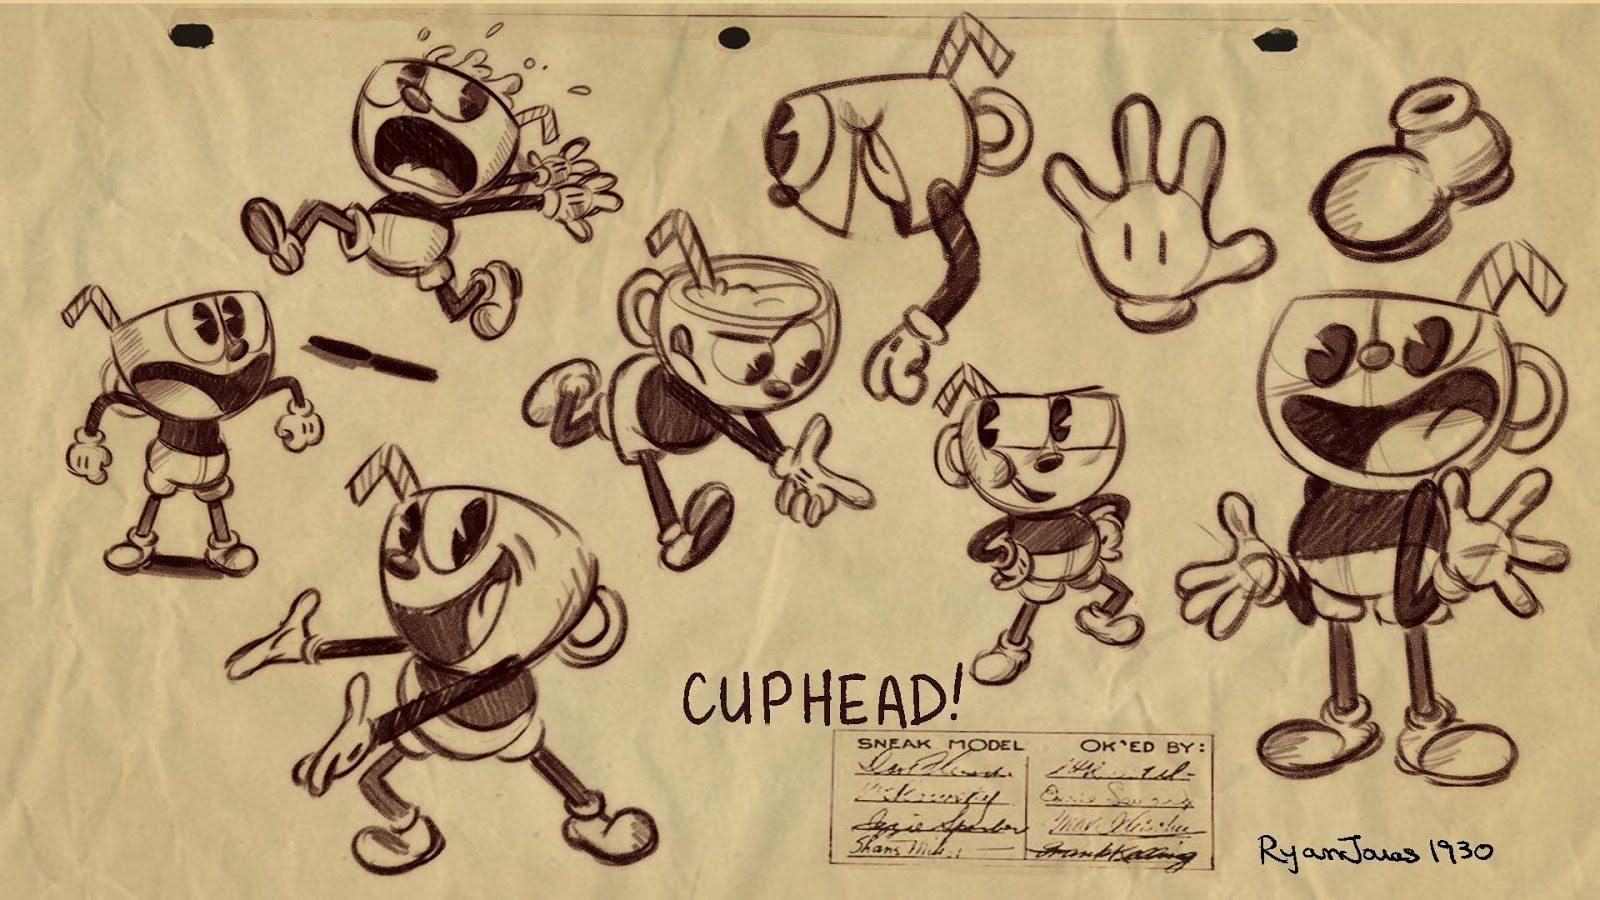 El arte de Cuphead Concept Art,trailer gameplay, Making of, entrevistas, animation process, charlas, storyboard, matte painting, y diseños originales